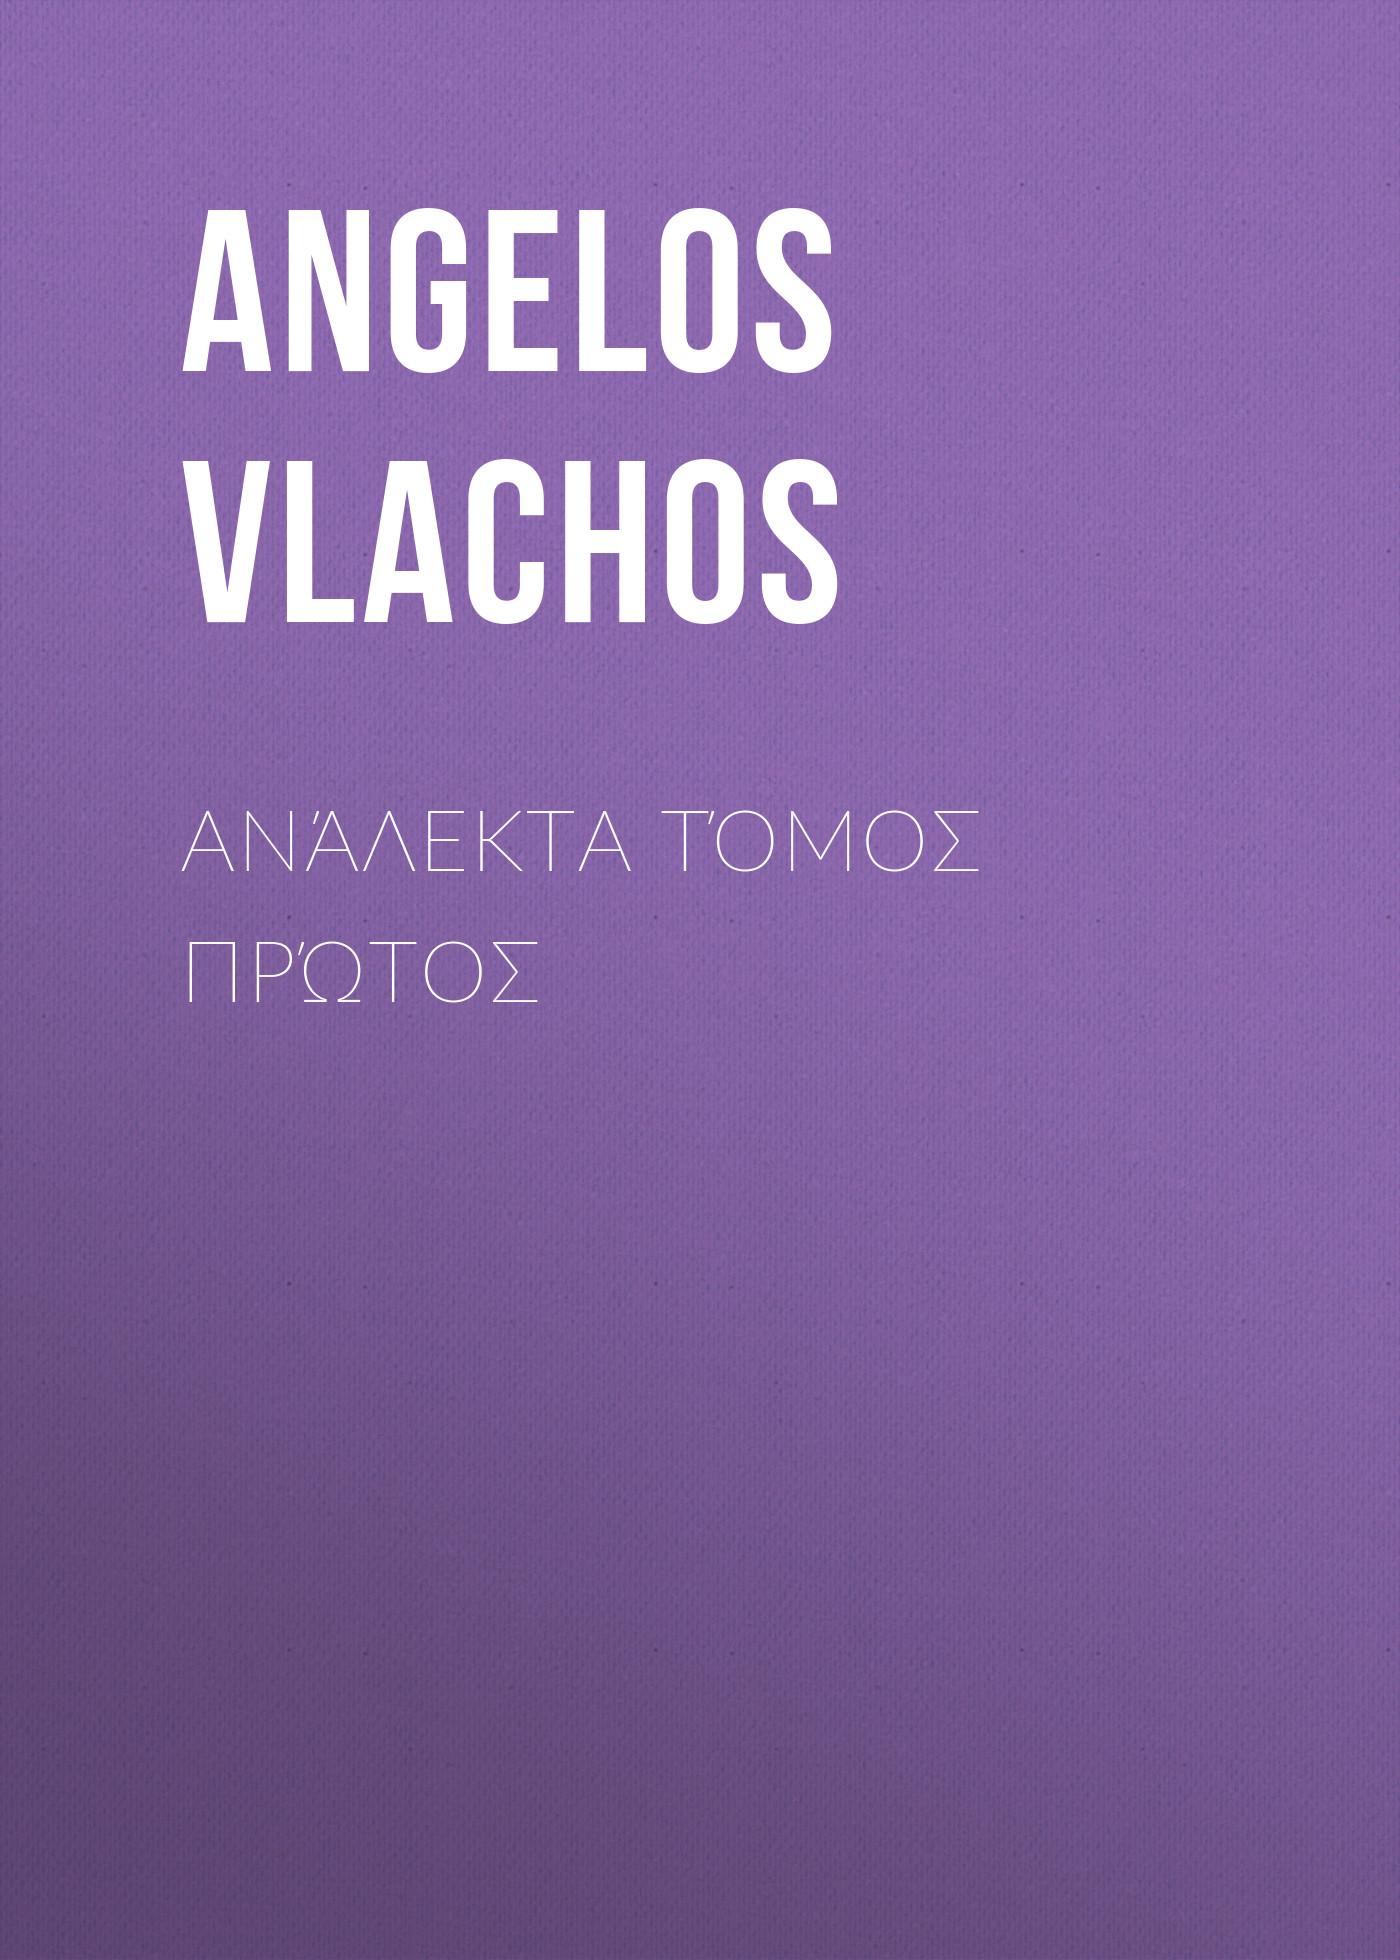 Angelos Vlachos Ανάλεκτα Τόμος Πρώτος